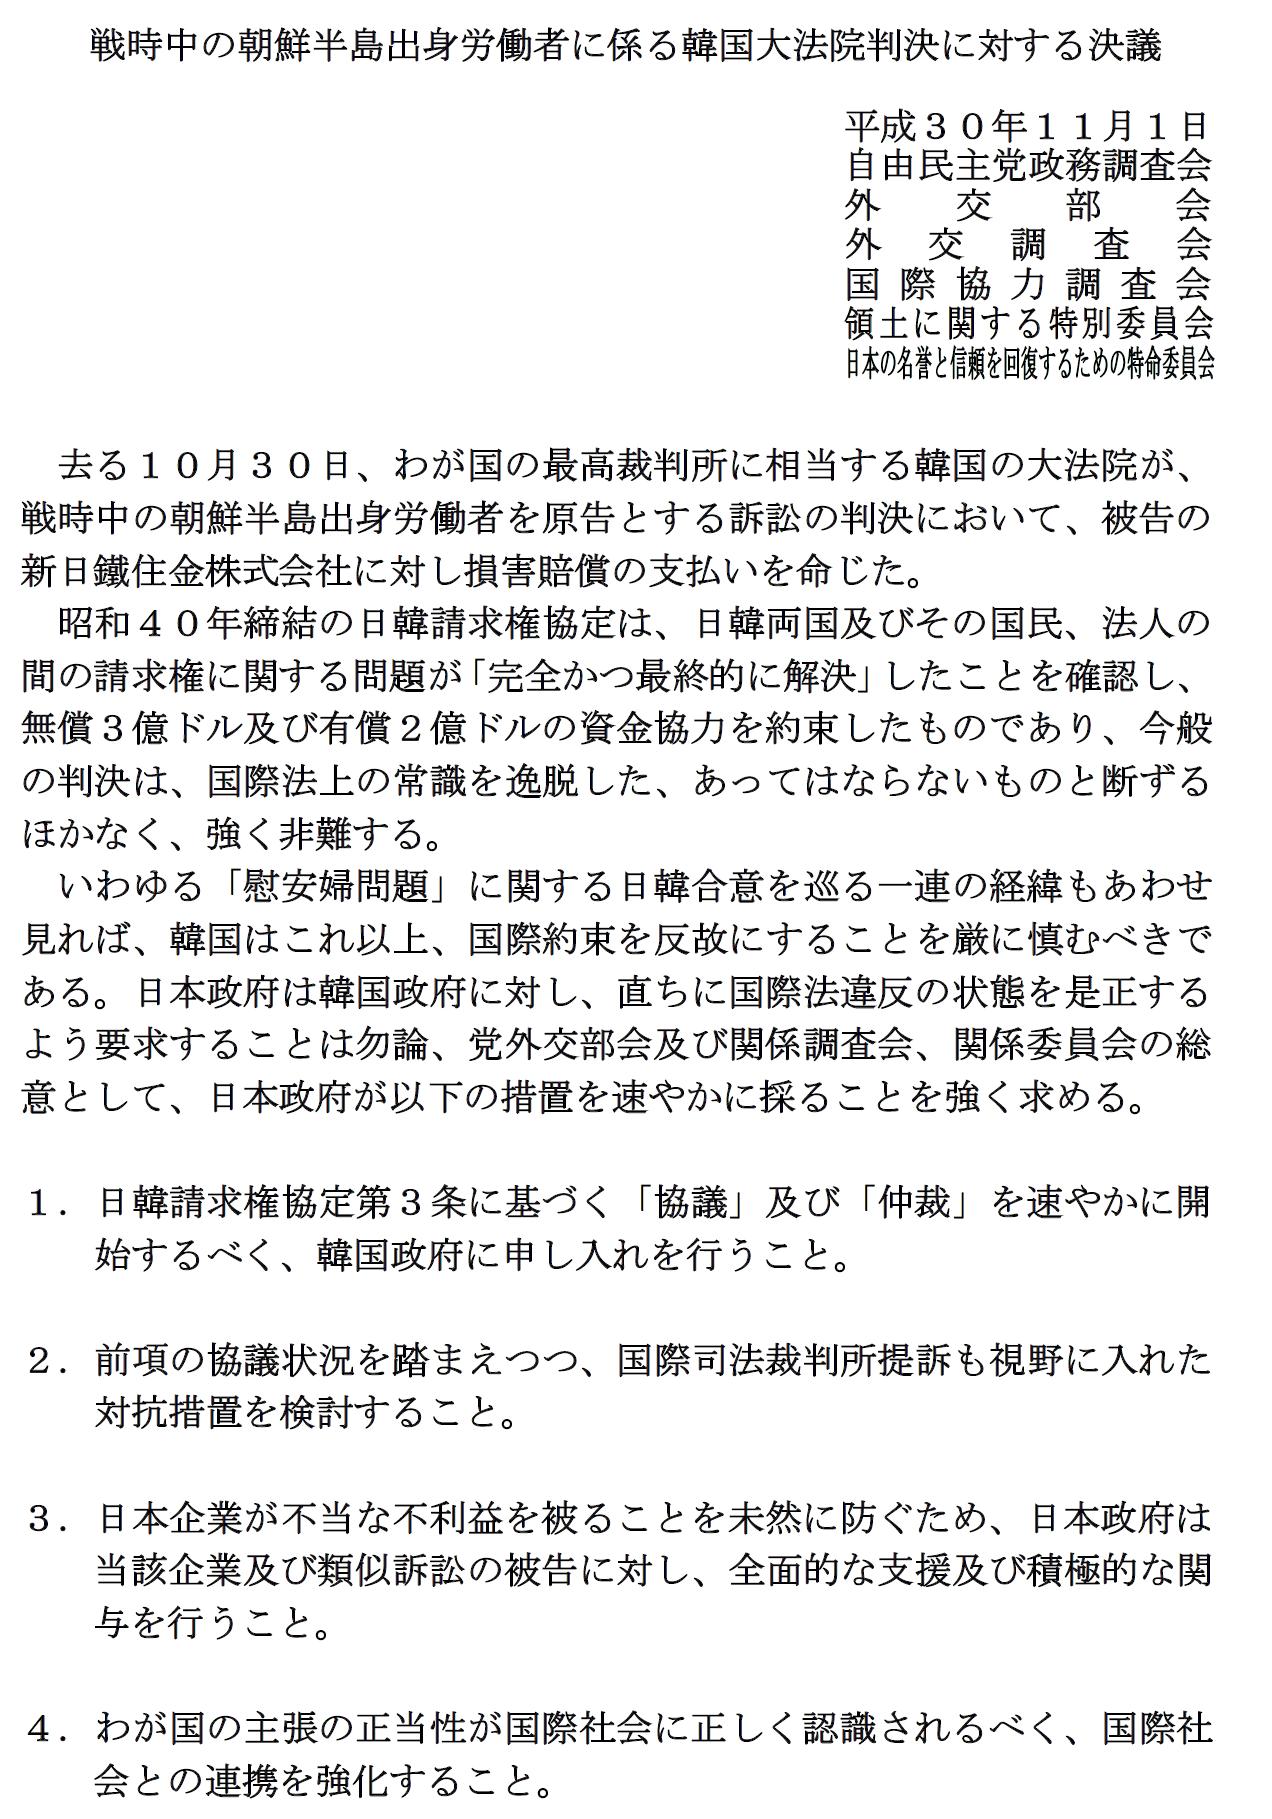 20181101_ketsugi